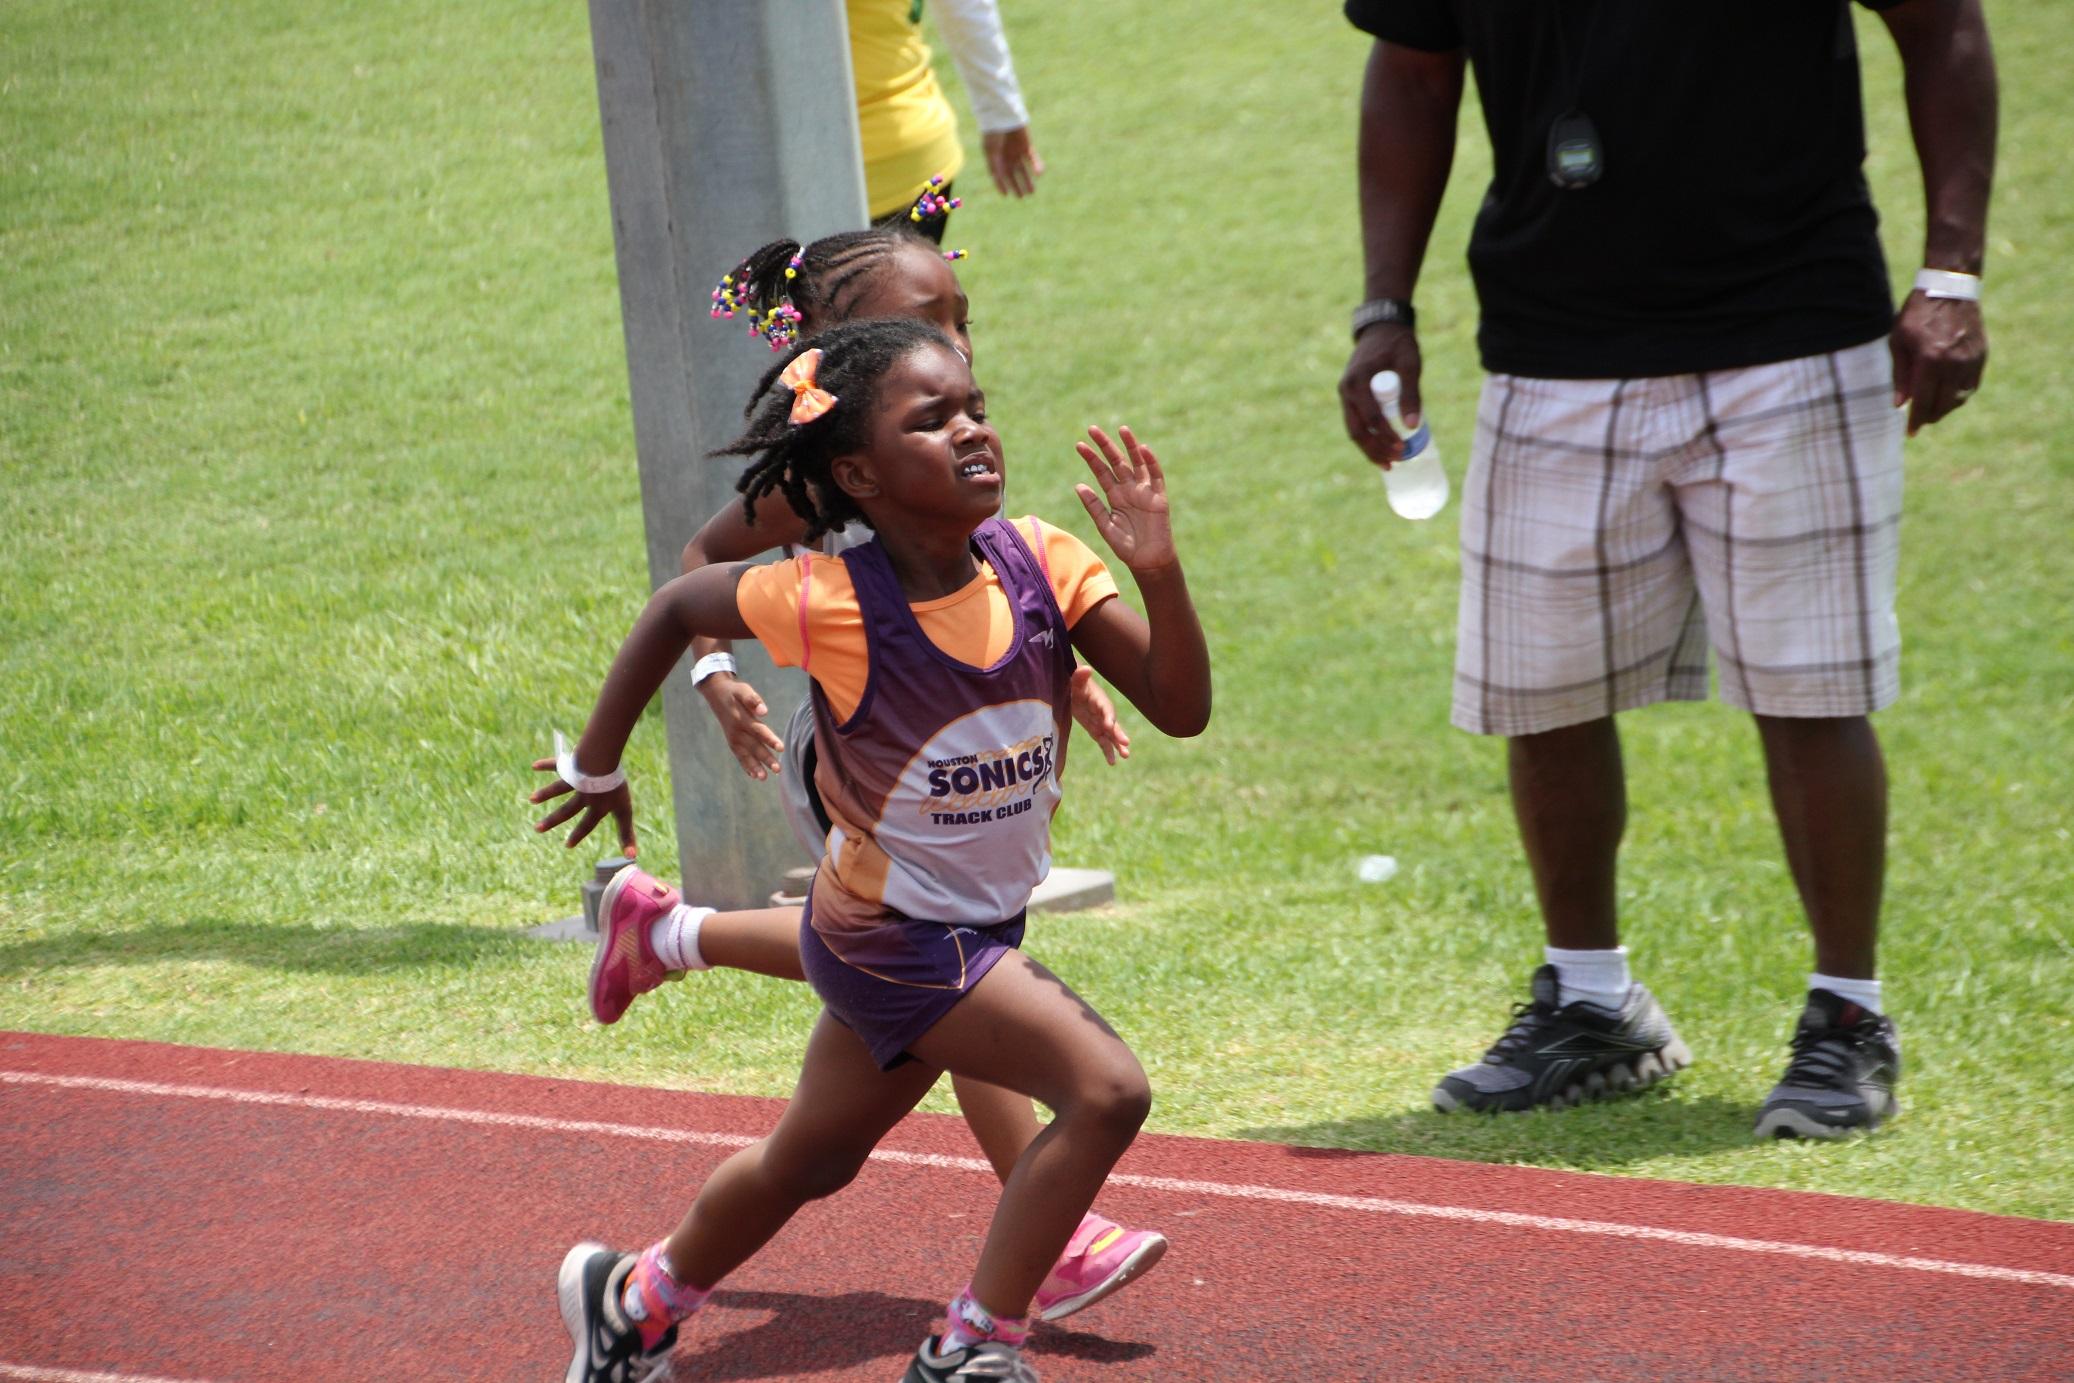 Navaeh running the 400m